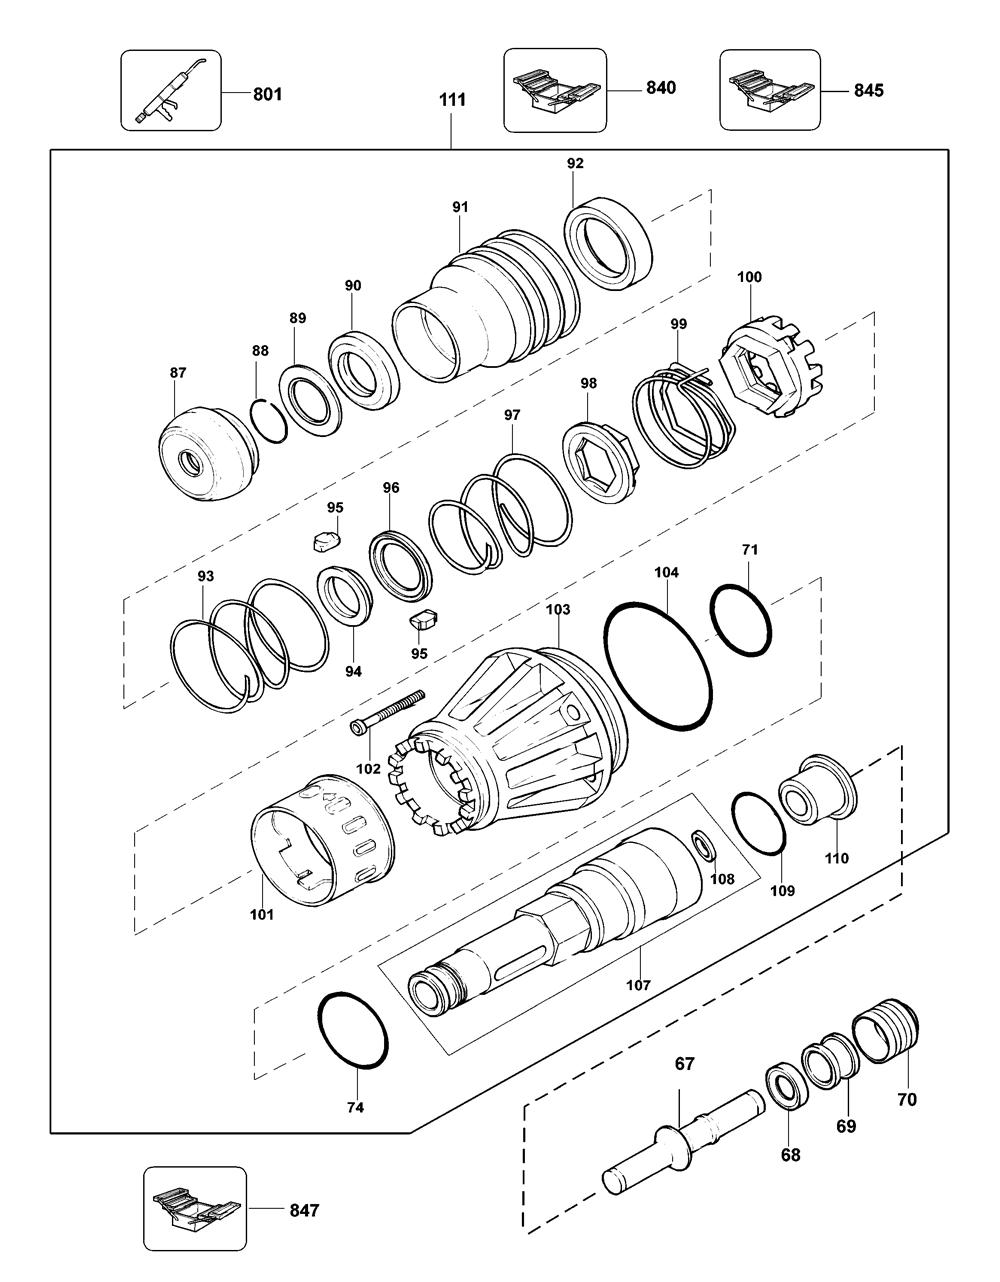 D25900KAR-Dewalt-T1-PB-1Break Down